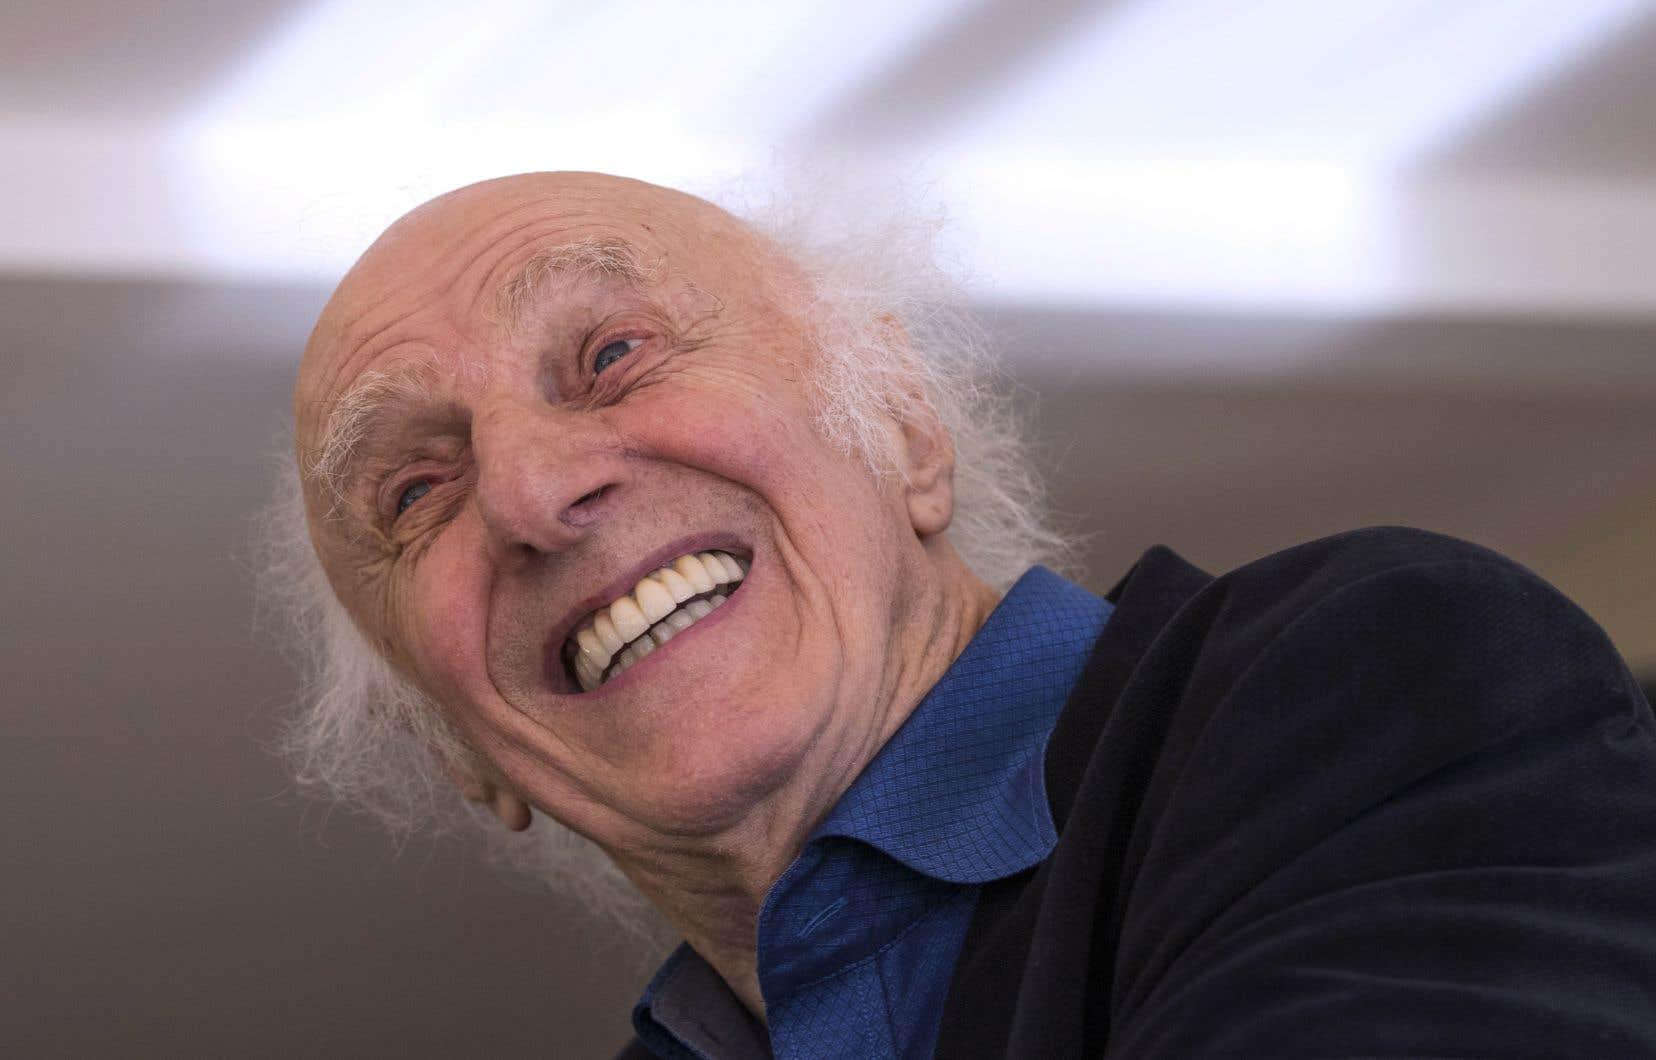 Le poète-chansonnier Gilles Vigneault souligne ses 90ans avec le coffret «Le temps qu'il fait sur mon pays», composé de huit albums, parus entre 1971 et 1983, présentés sous forme de livre.